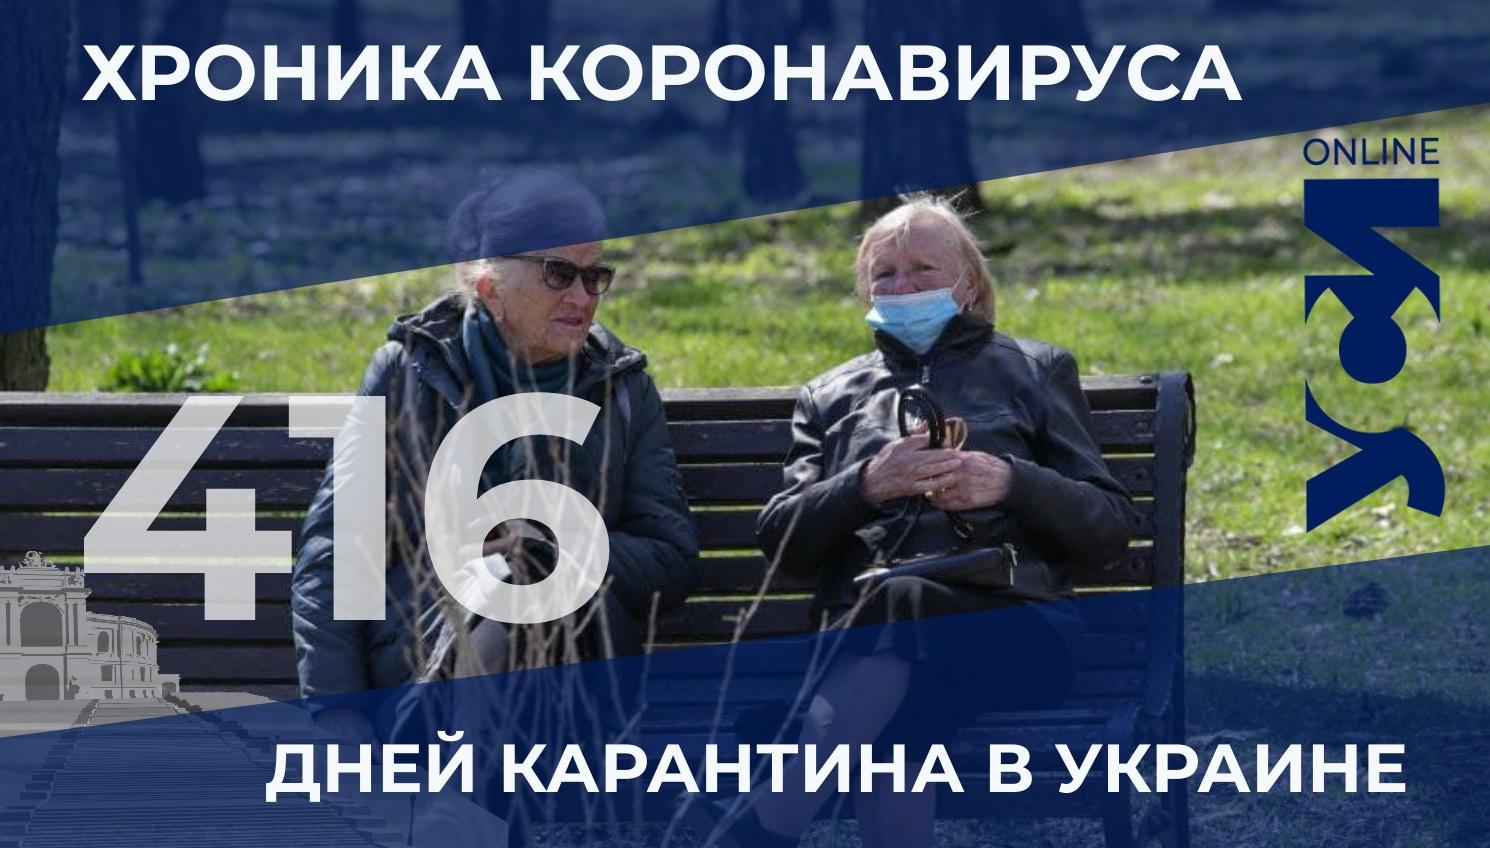 COVID-19: в Одесском регионе — 454 новых заболевших «фото»